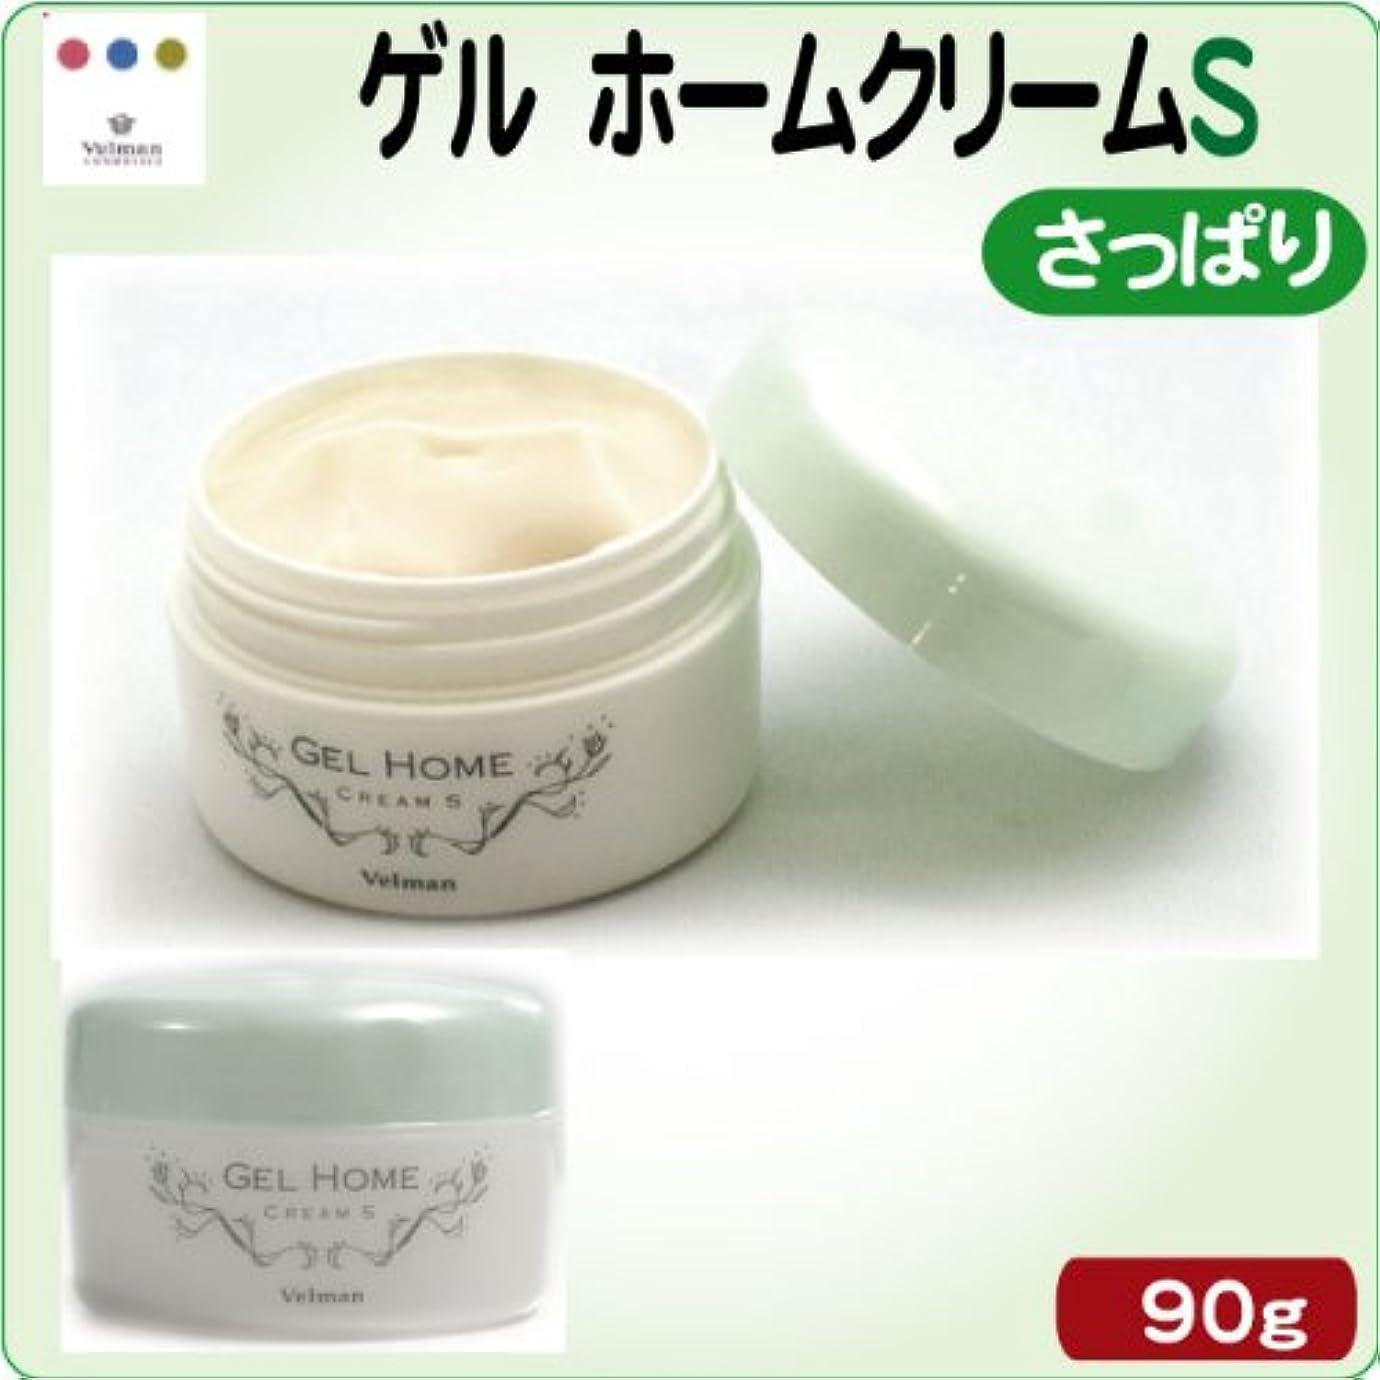 ベルマン化粧品 NONLOOSE ゲルホームクリームS 【さっぱりタイプ】 90g